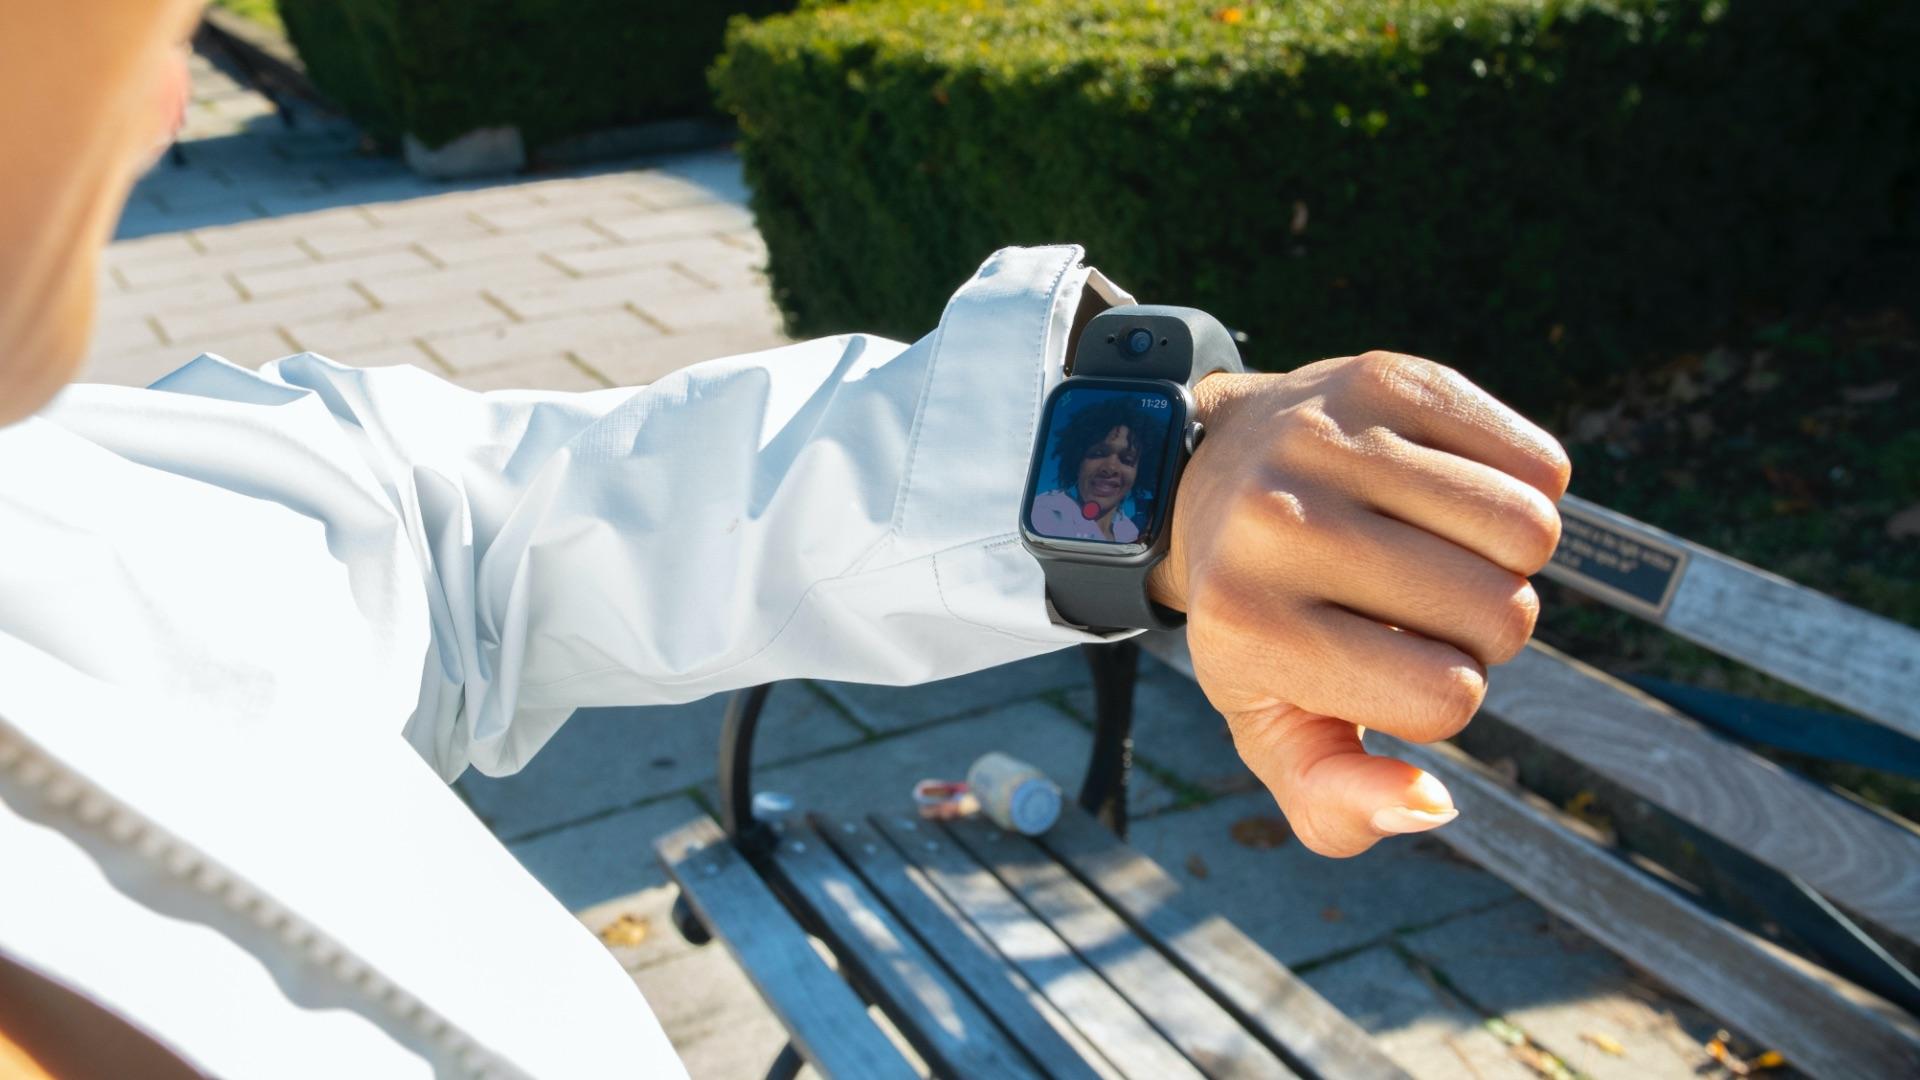 wristcam front facing camera